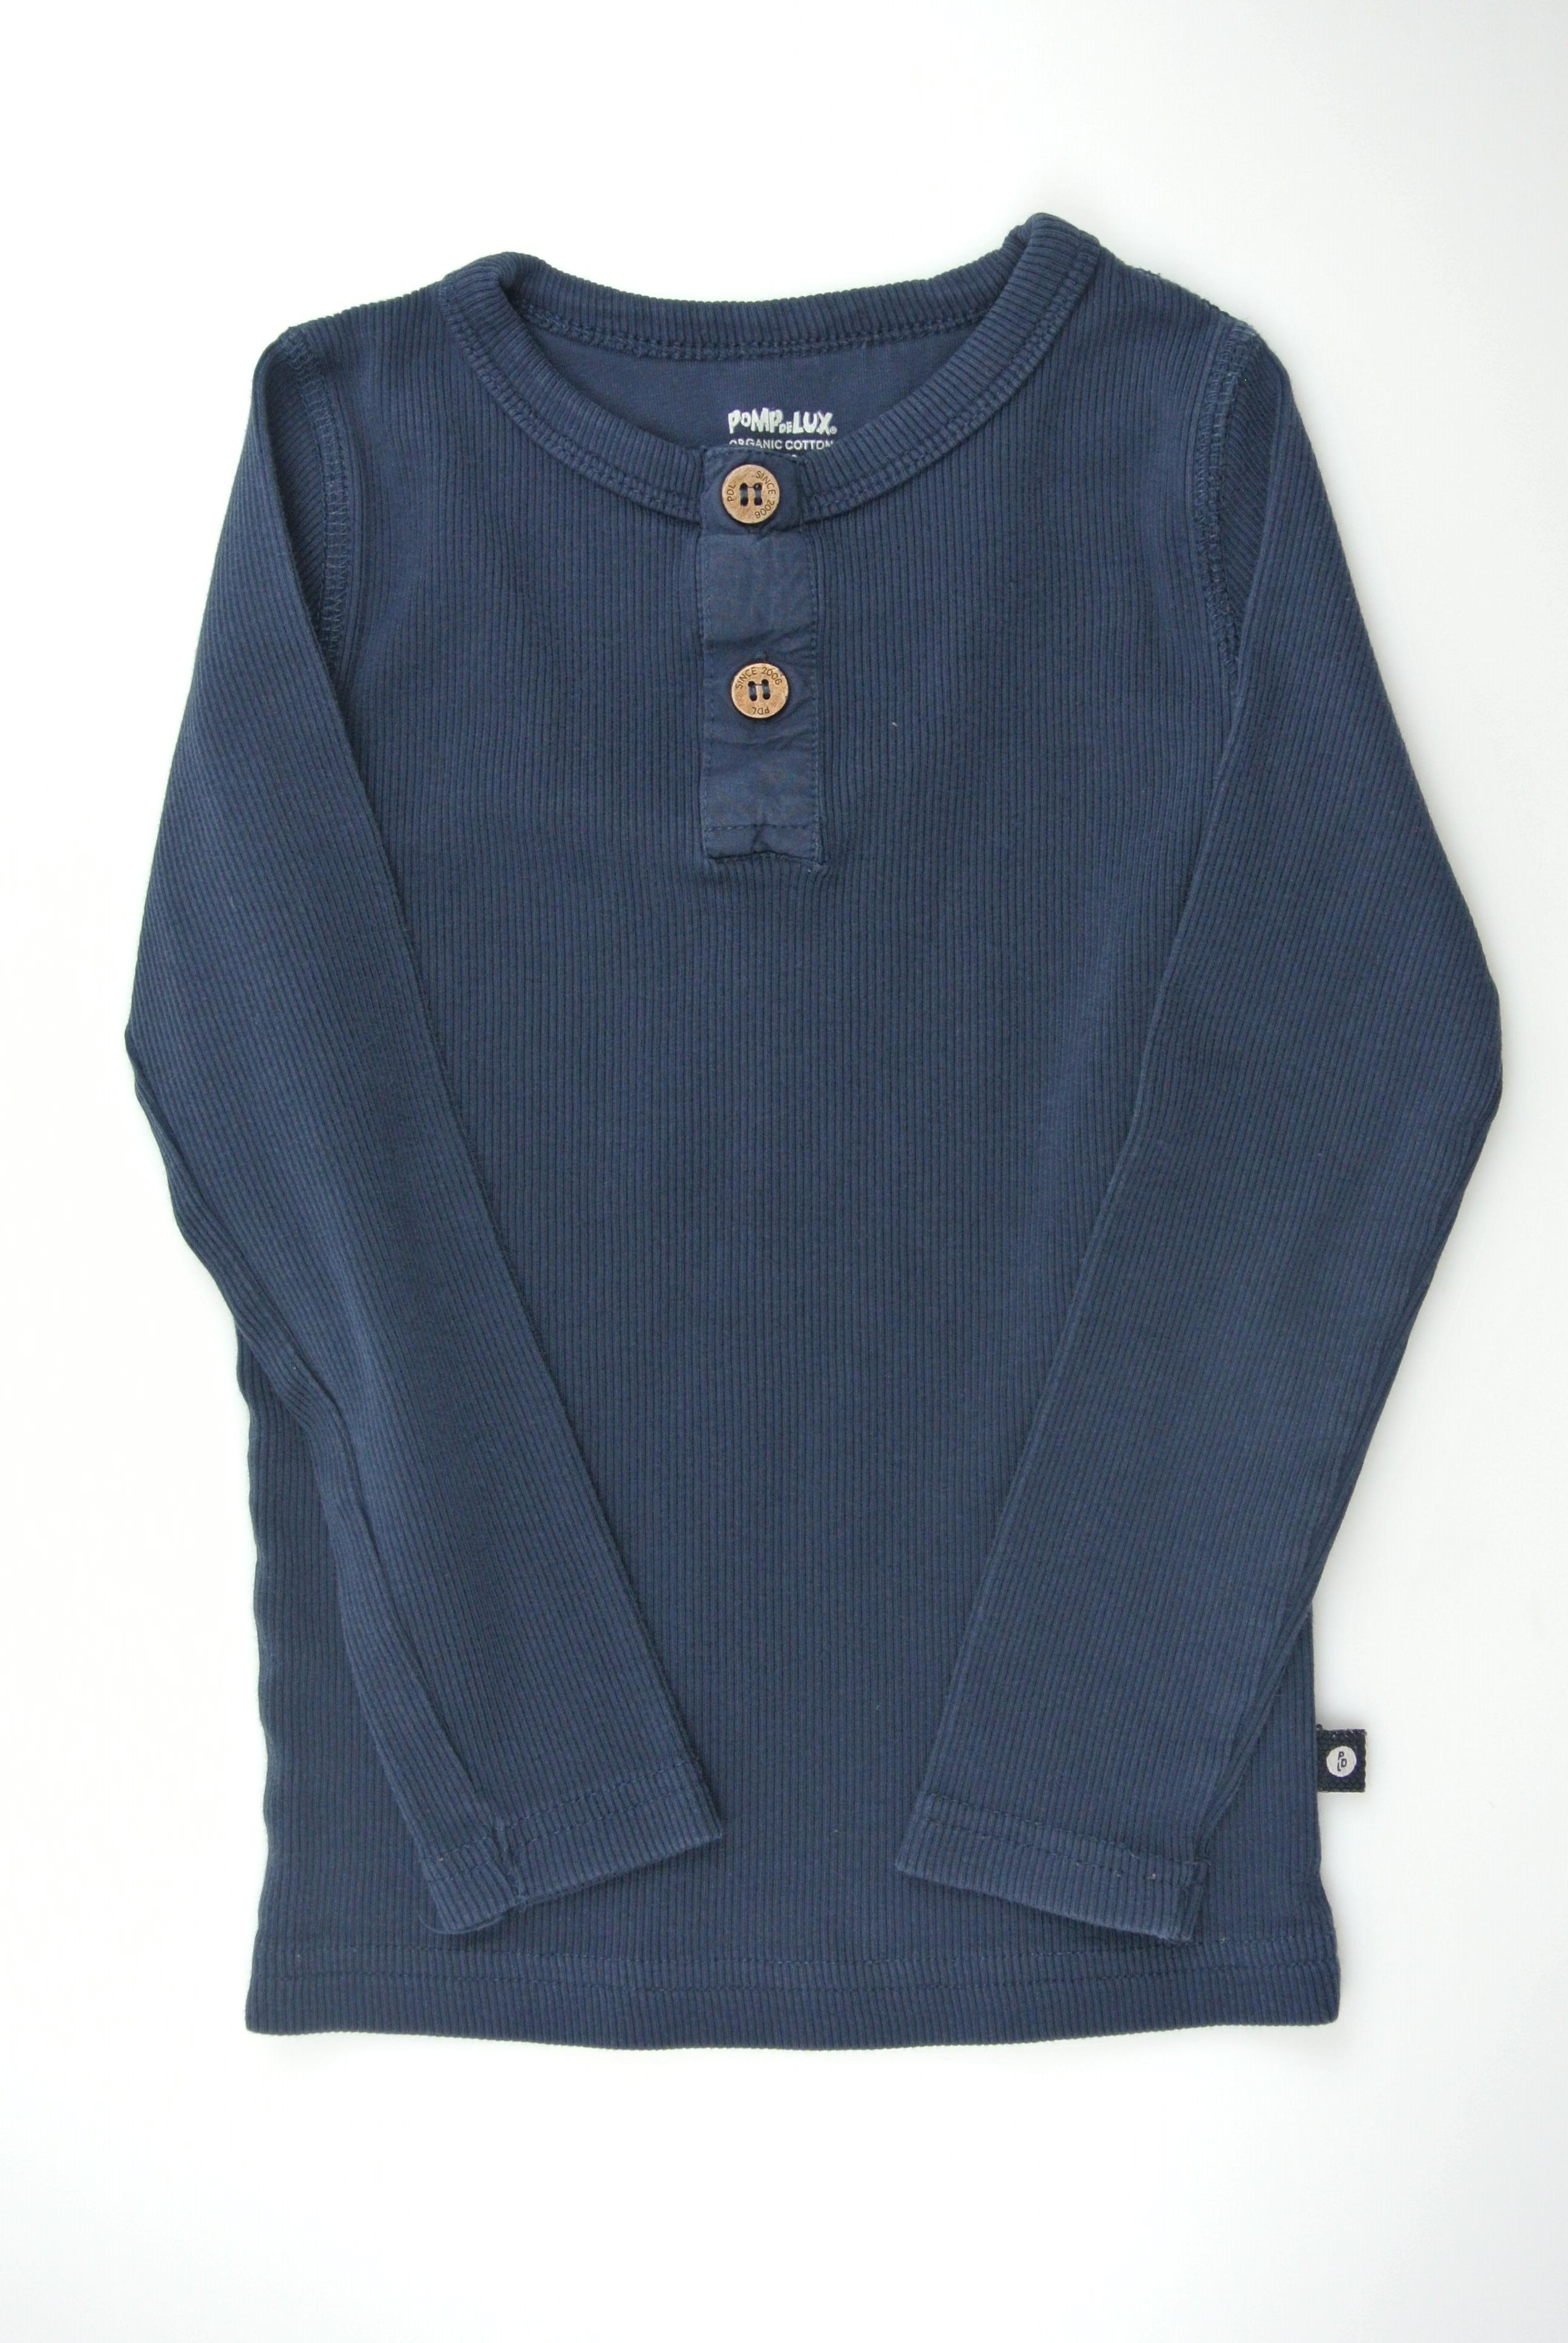 Pompdelux bluse str 98 dreng